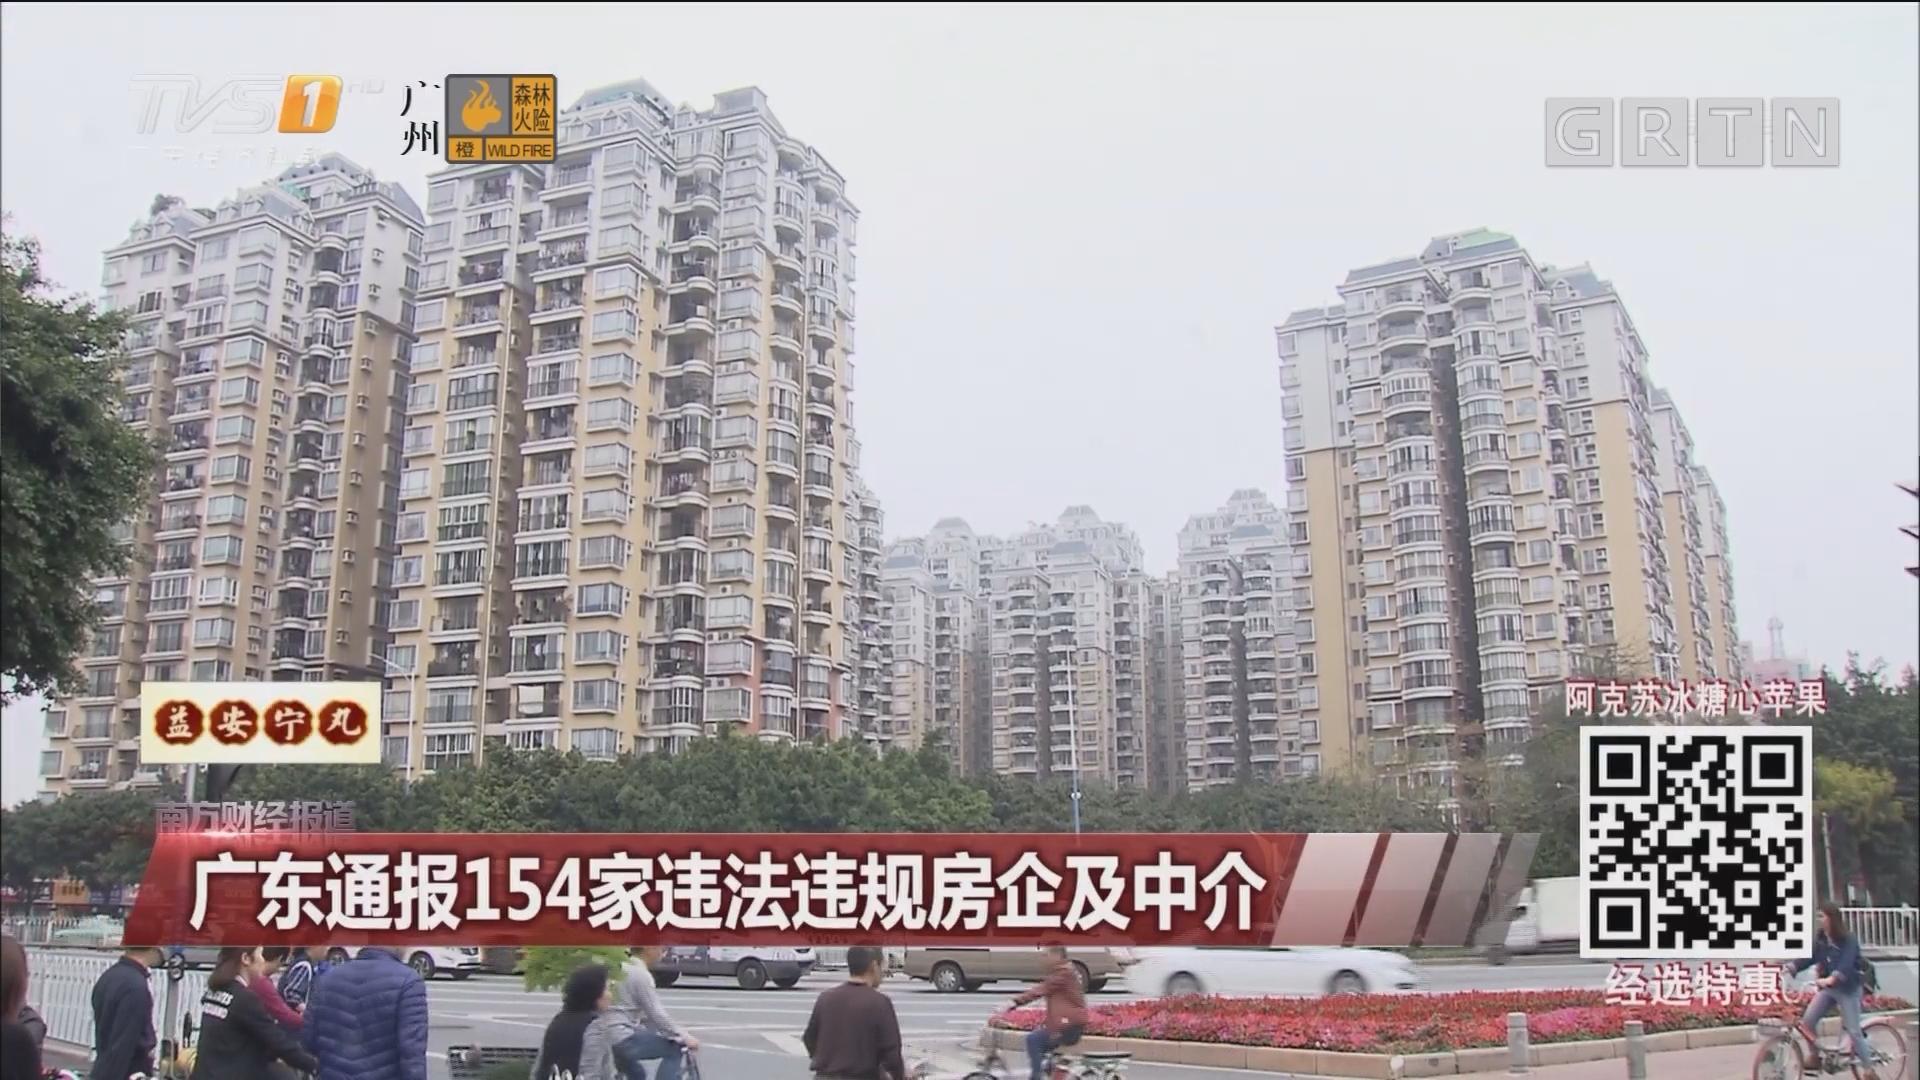 广东通报154家违法违规房企及中介